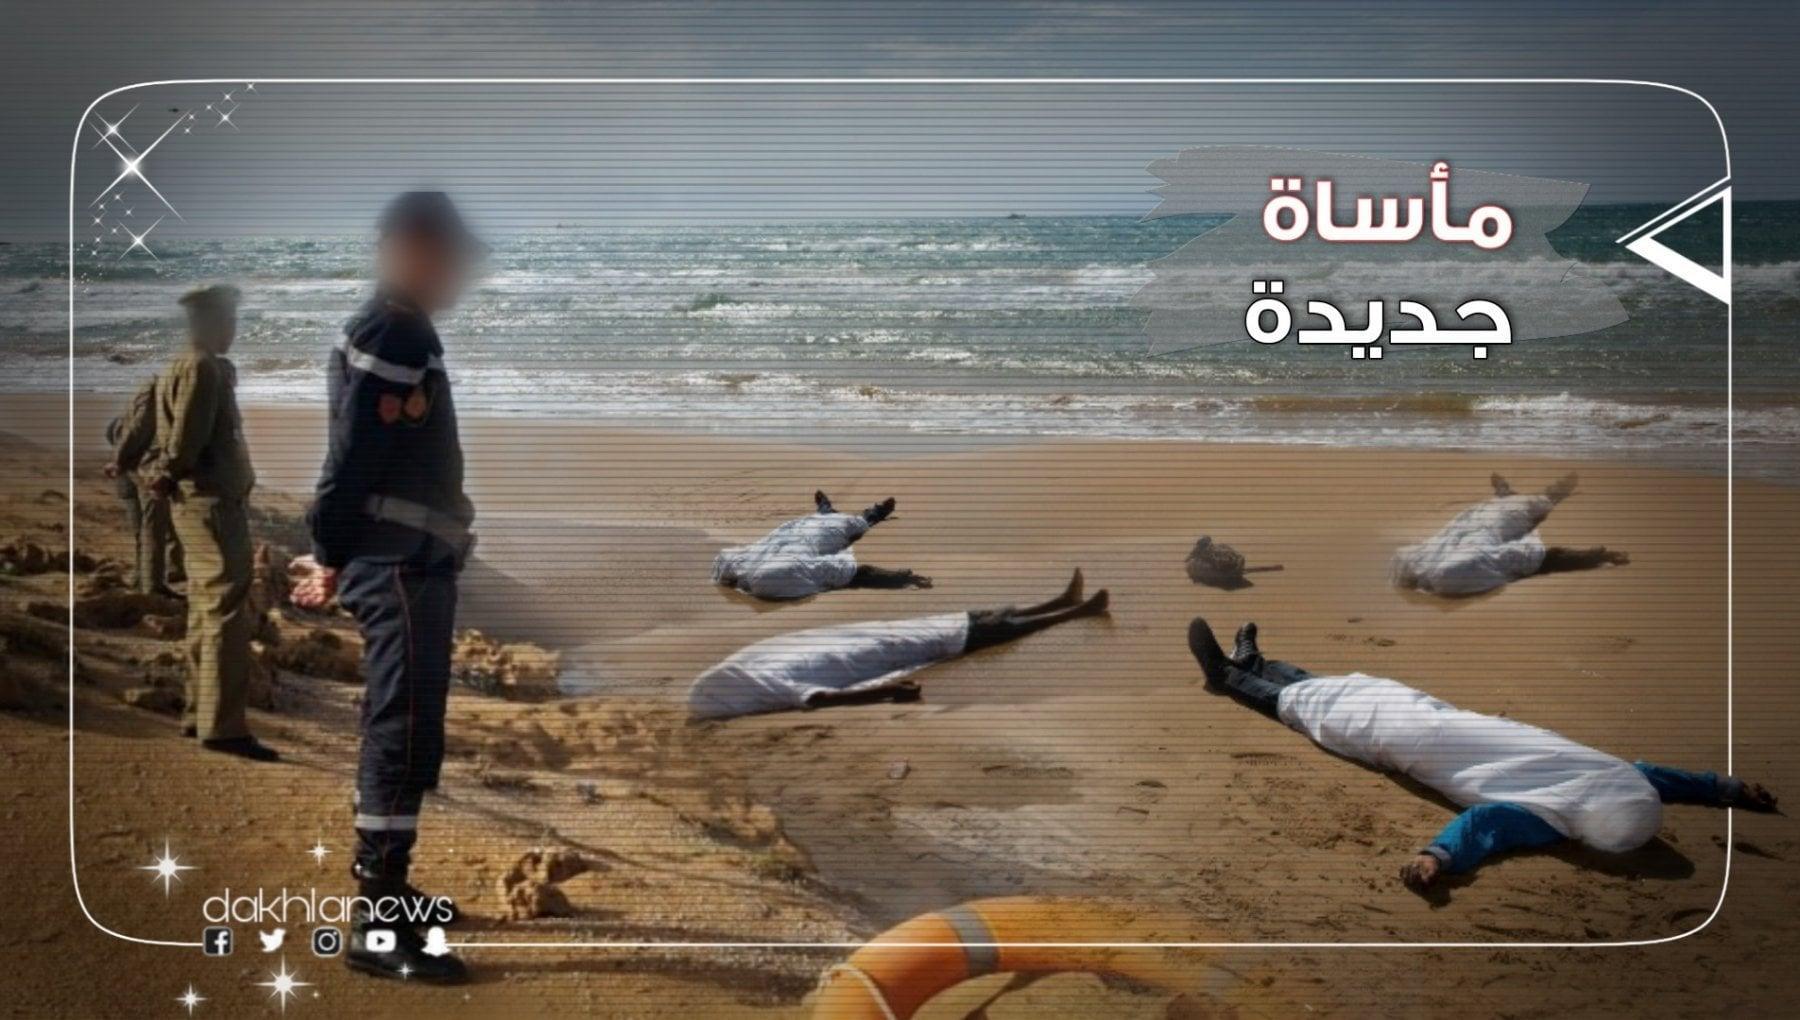 150345829 75d6cfc2 09a7 4f86 a494 460f5c0ca7c5 - Migranti, naufragio con decine di morti sulla rotta Africa-Canarie